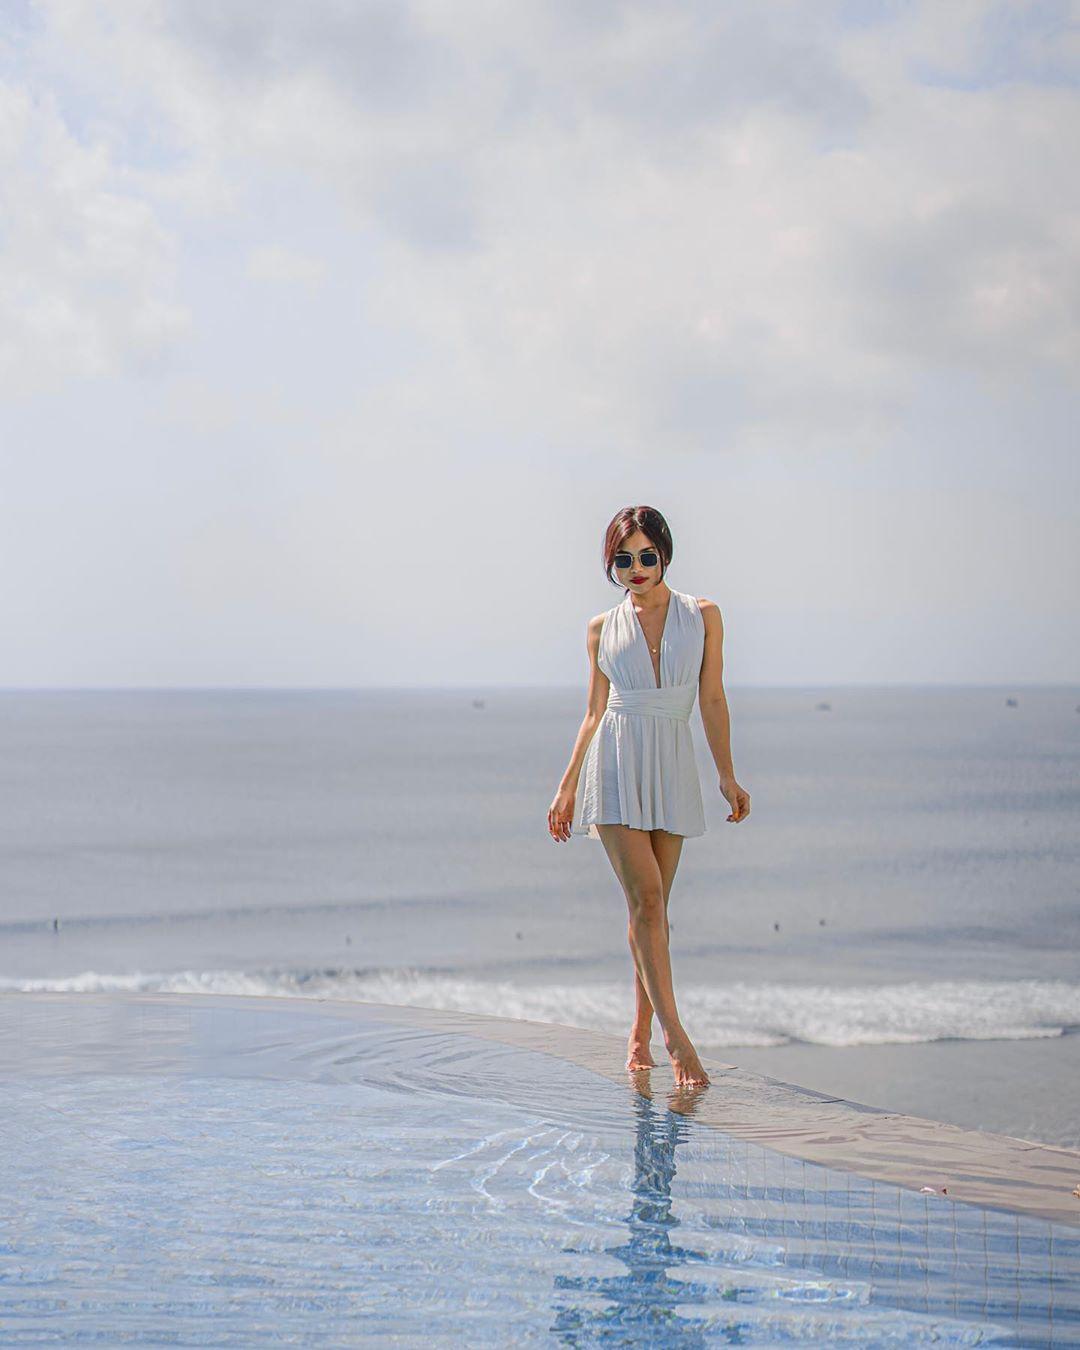 Elisabeth Novia sở hữu khuôn mặt xinh đẹp cùng đôi chân dài miên man